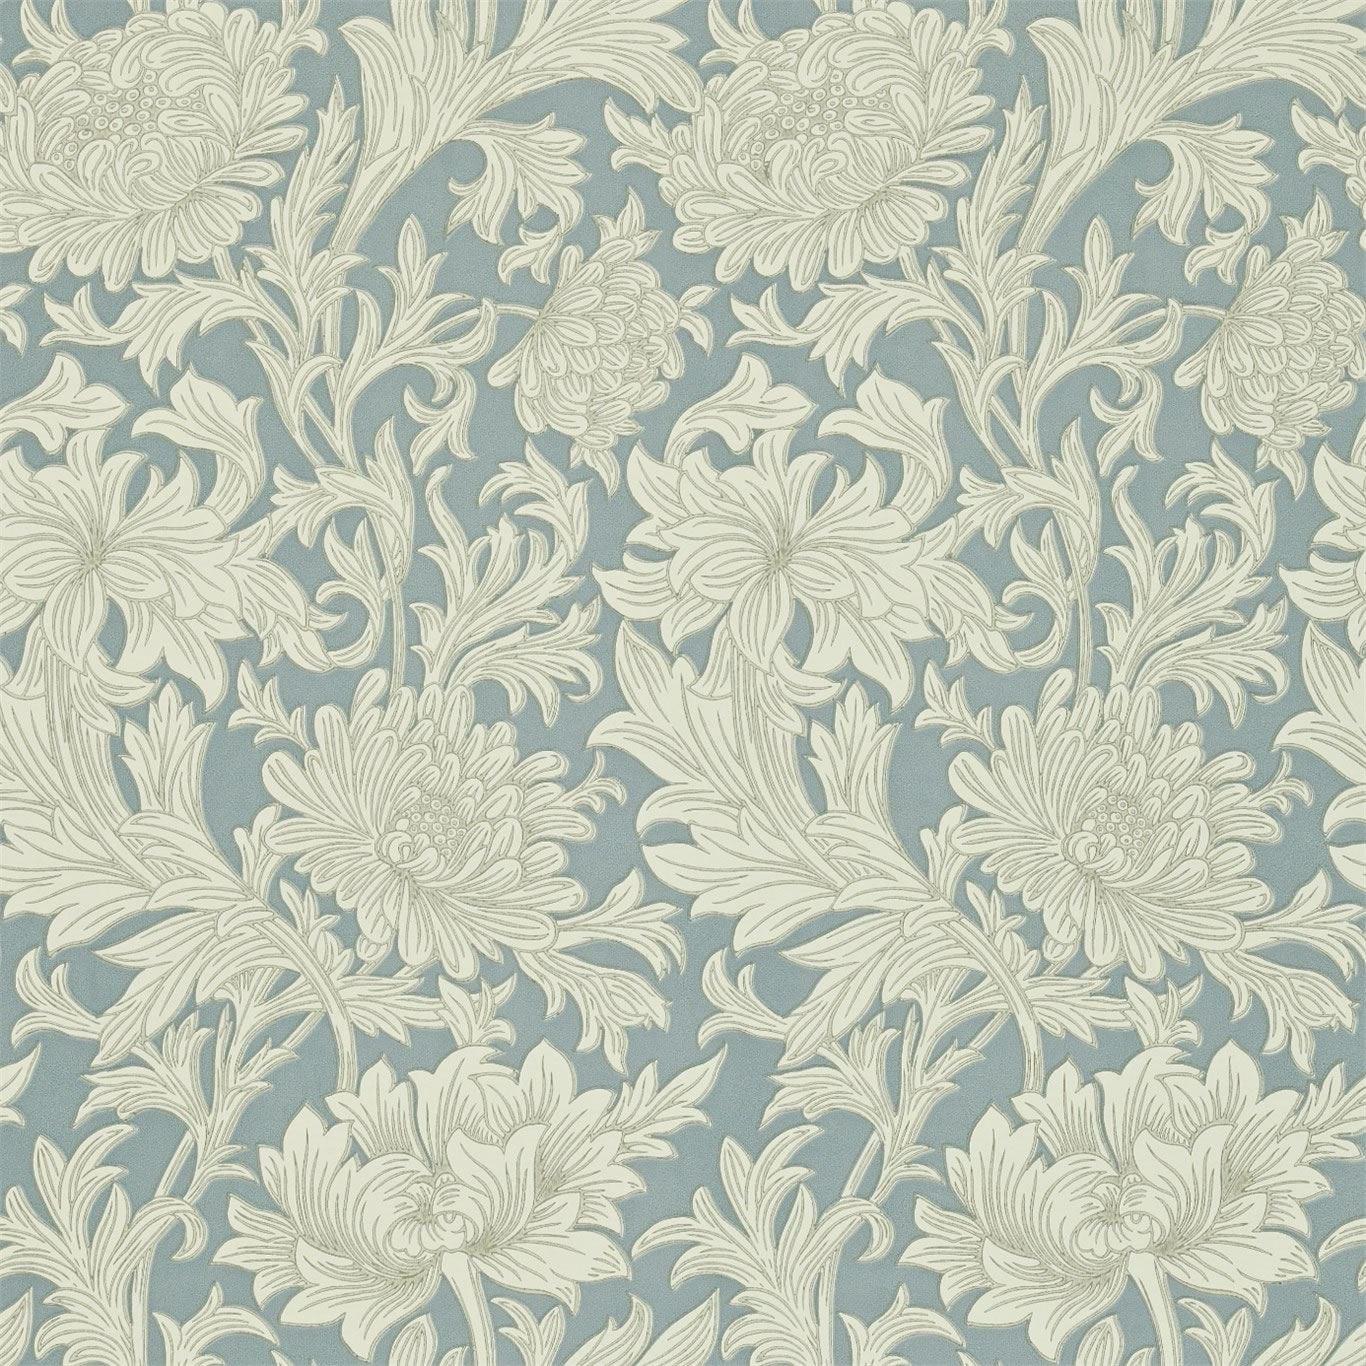 Decor Supplies China Blue Cream   DMOWCH101   Chrysanthemum Toile 1366x1366